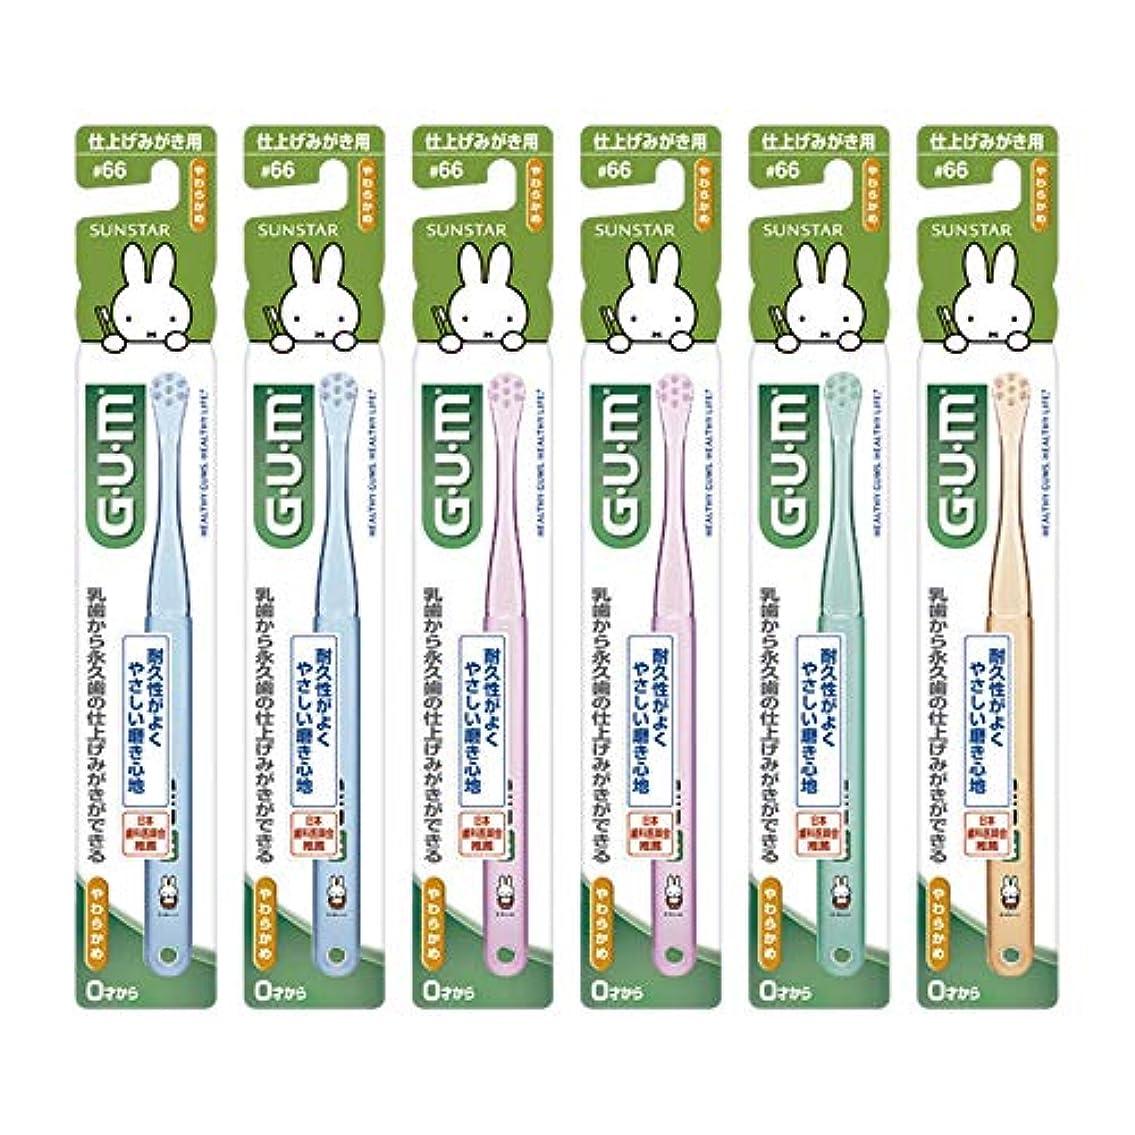 GUM(ガム) デンタル ハブラシ こども #66 [仕上げみがき用?やわらかめ] 6本パック+ おまけつき